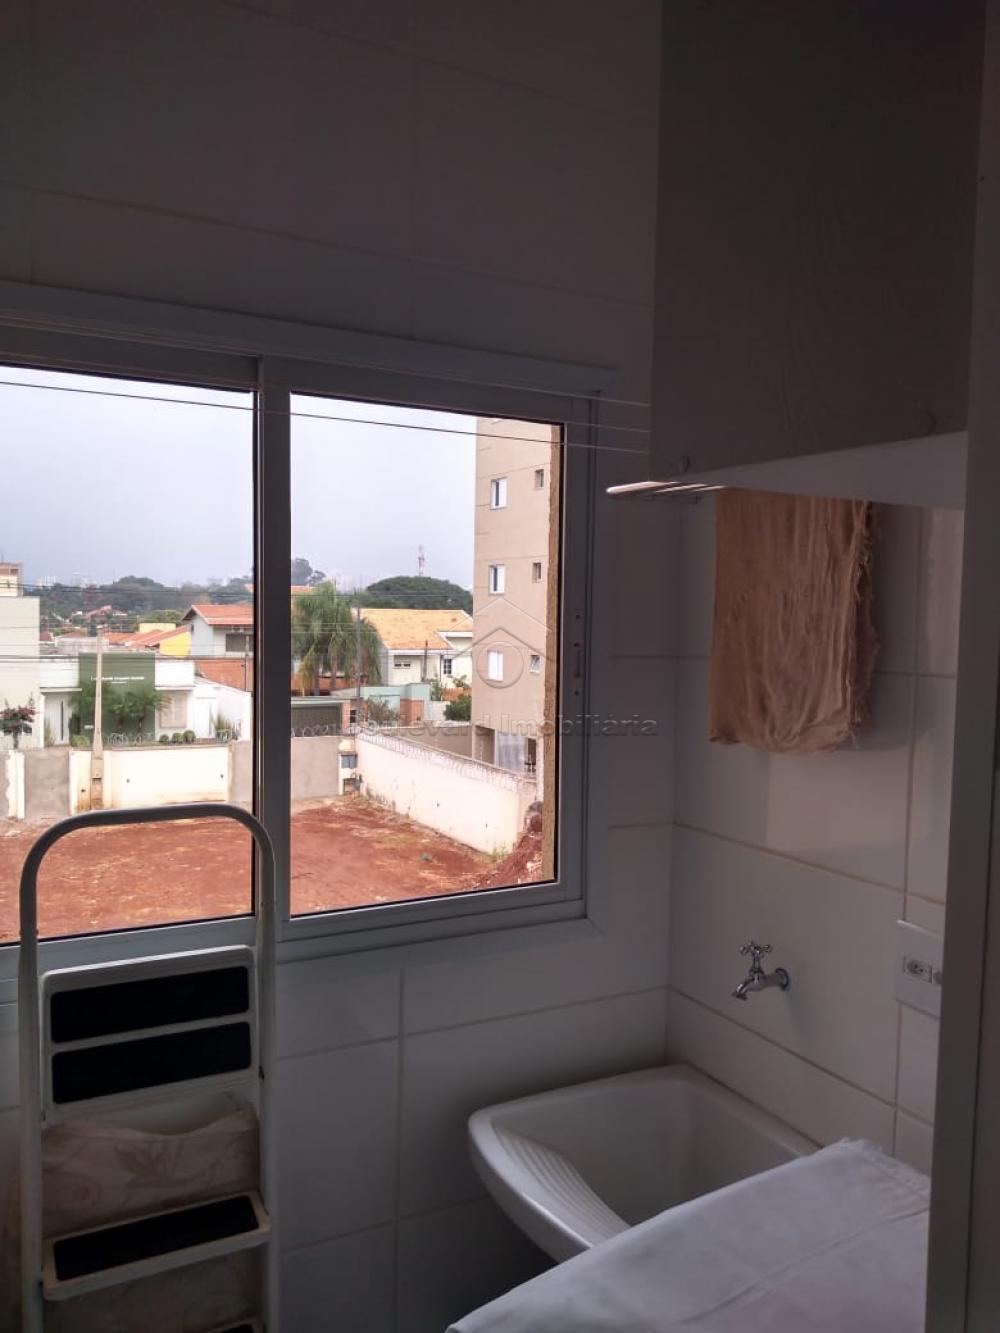 Comprar Apartamento / Padrão em Ribeirão Preto R$ 257.000,00 - Foto 13